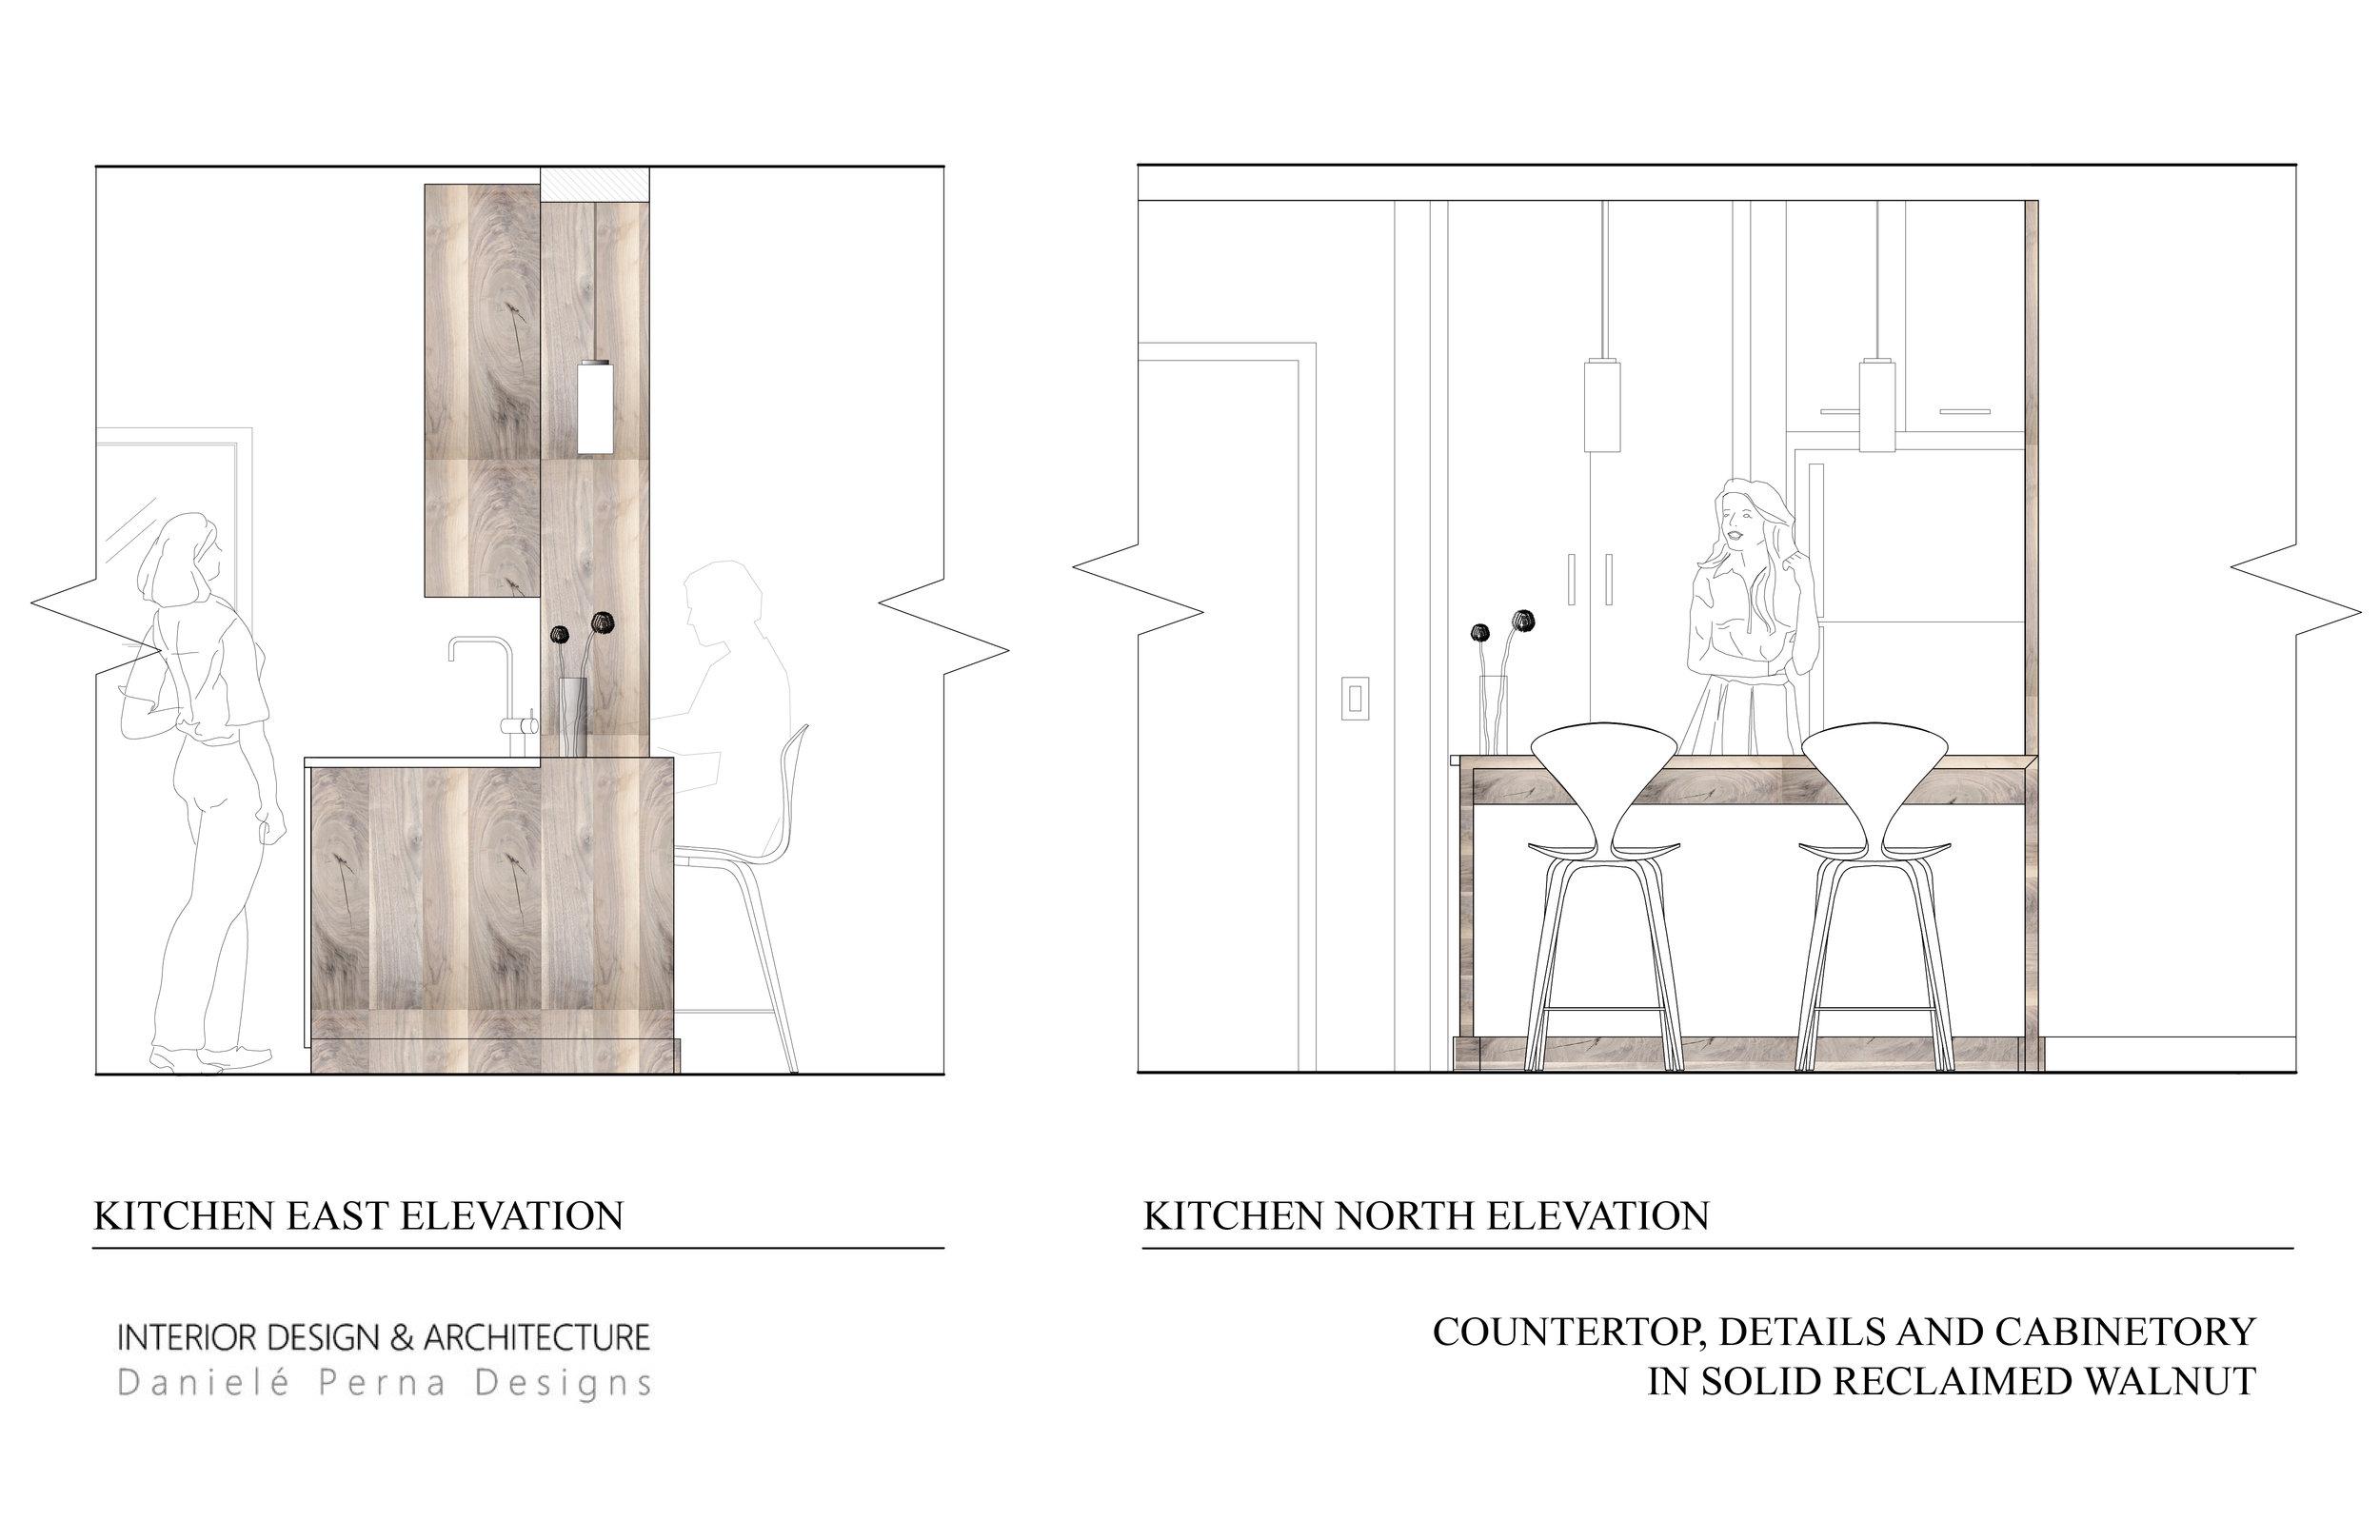 KITCHEN DESIGN & INTERIOR DESIGN